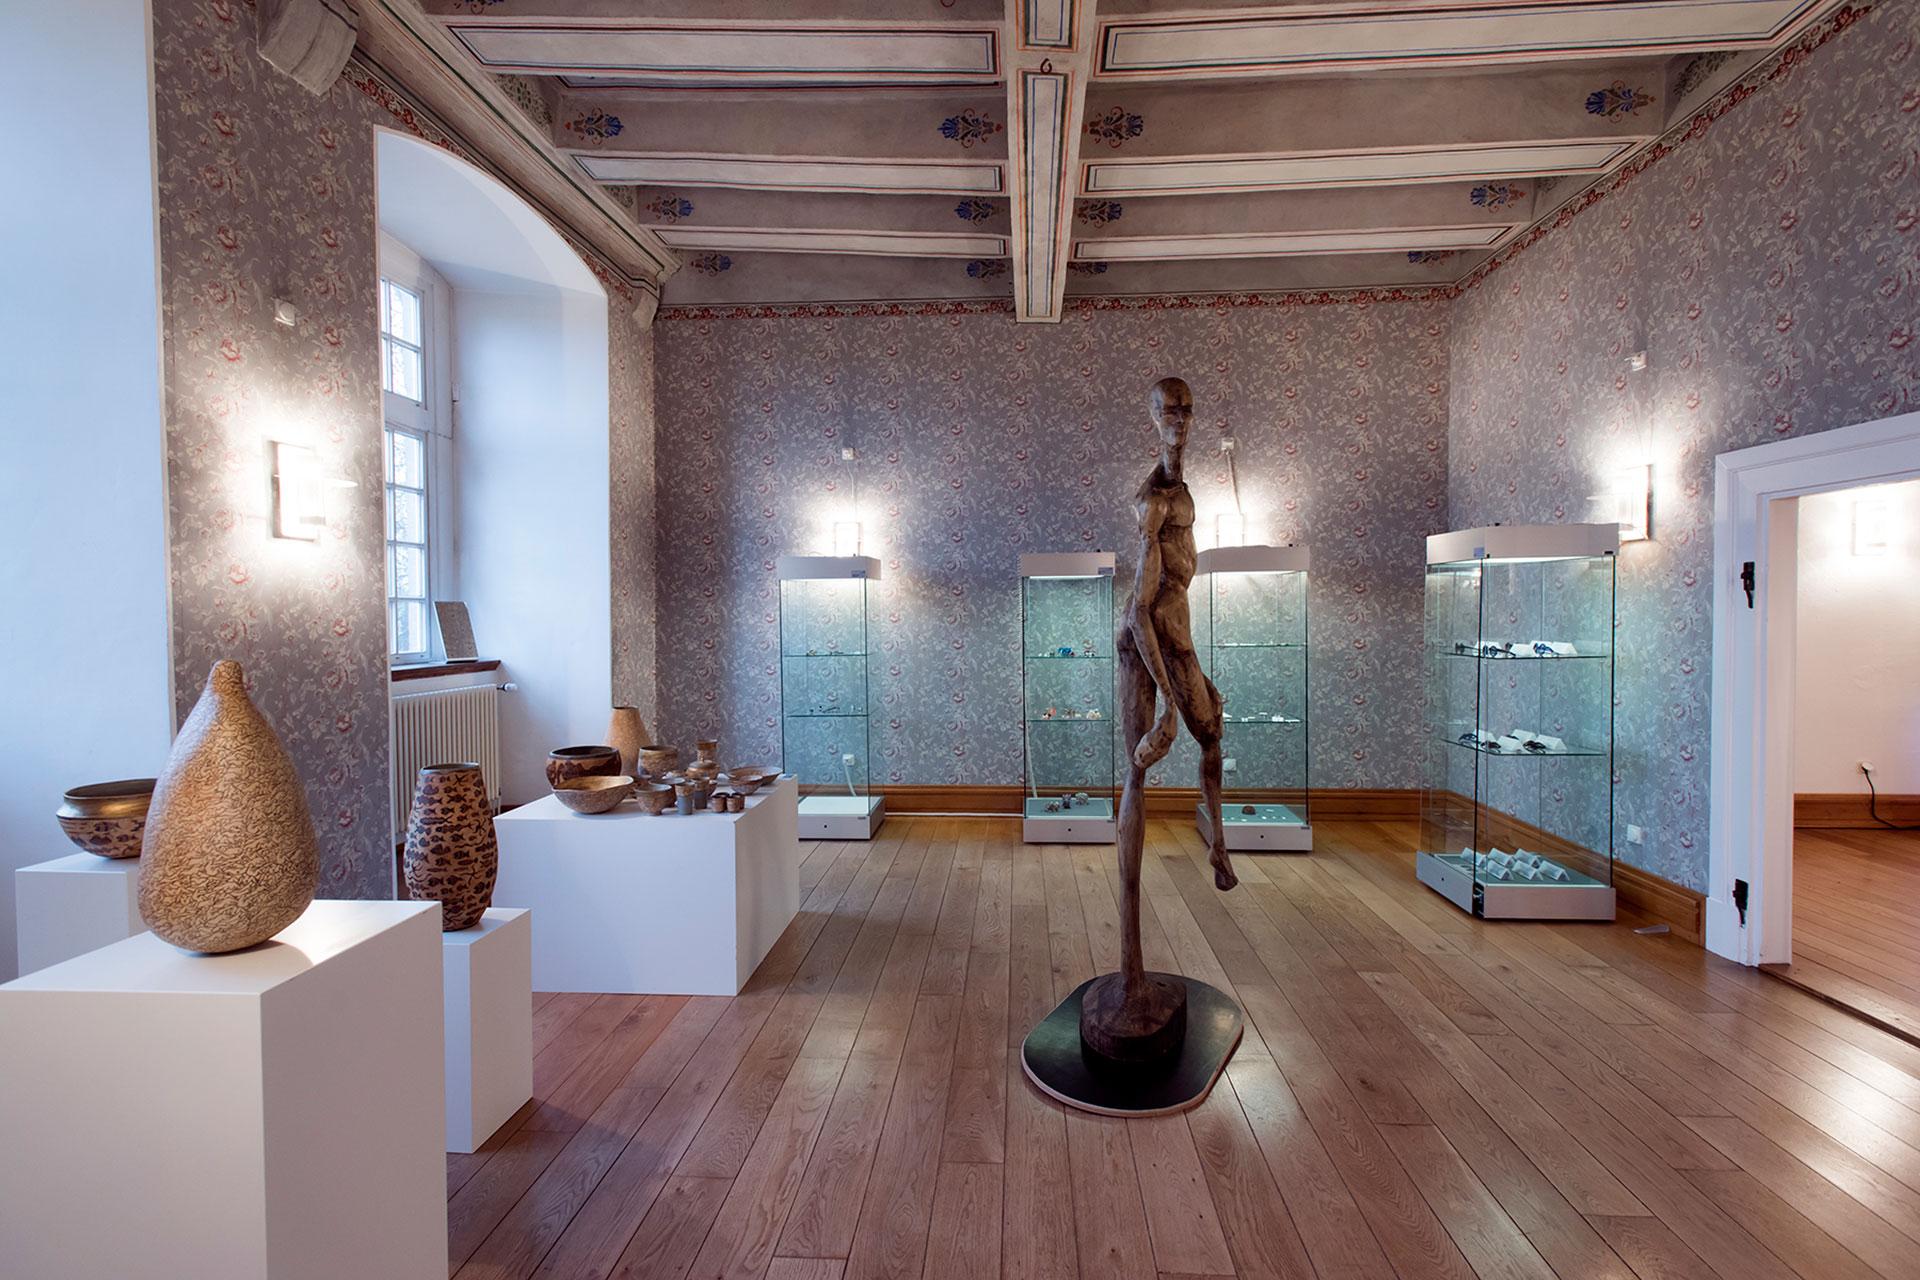 Ausstellung Schlosshandel